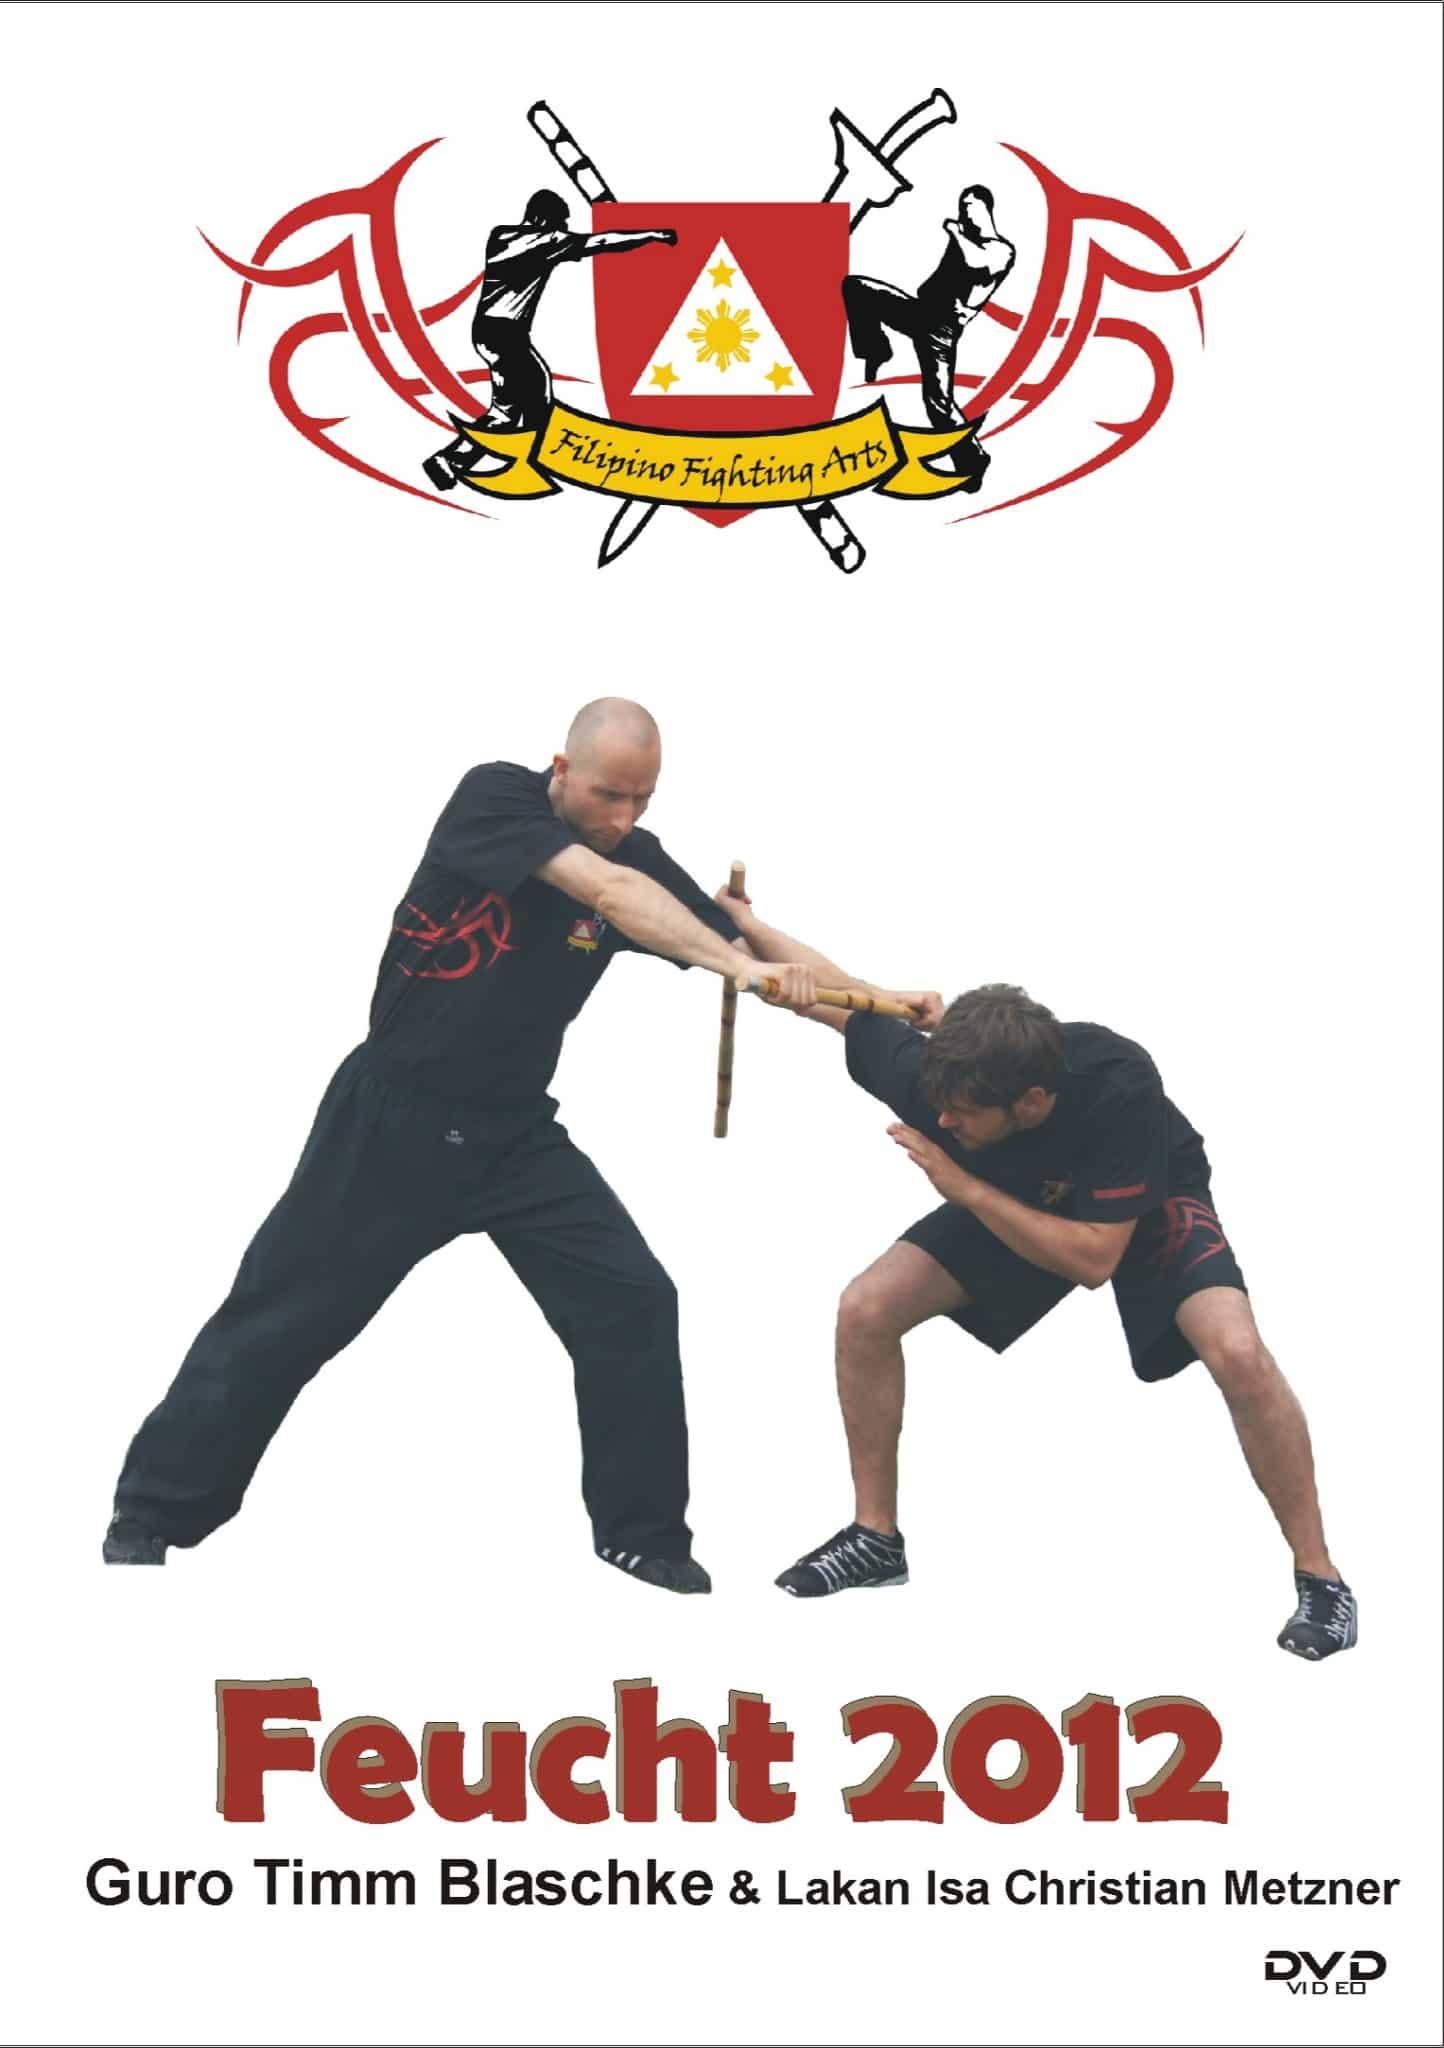 DVD´s Filipino Fighting Arts